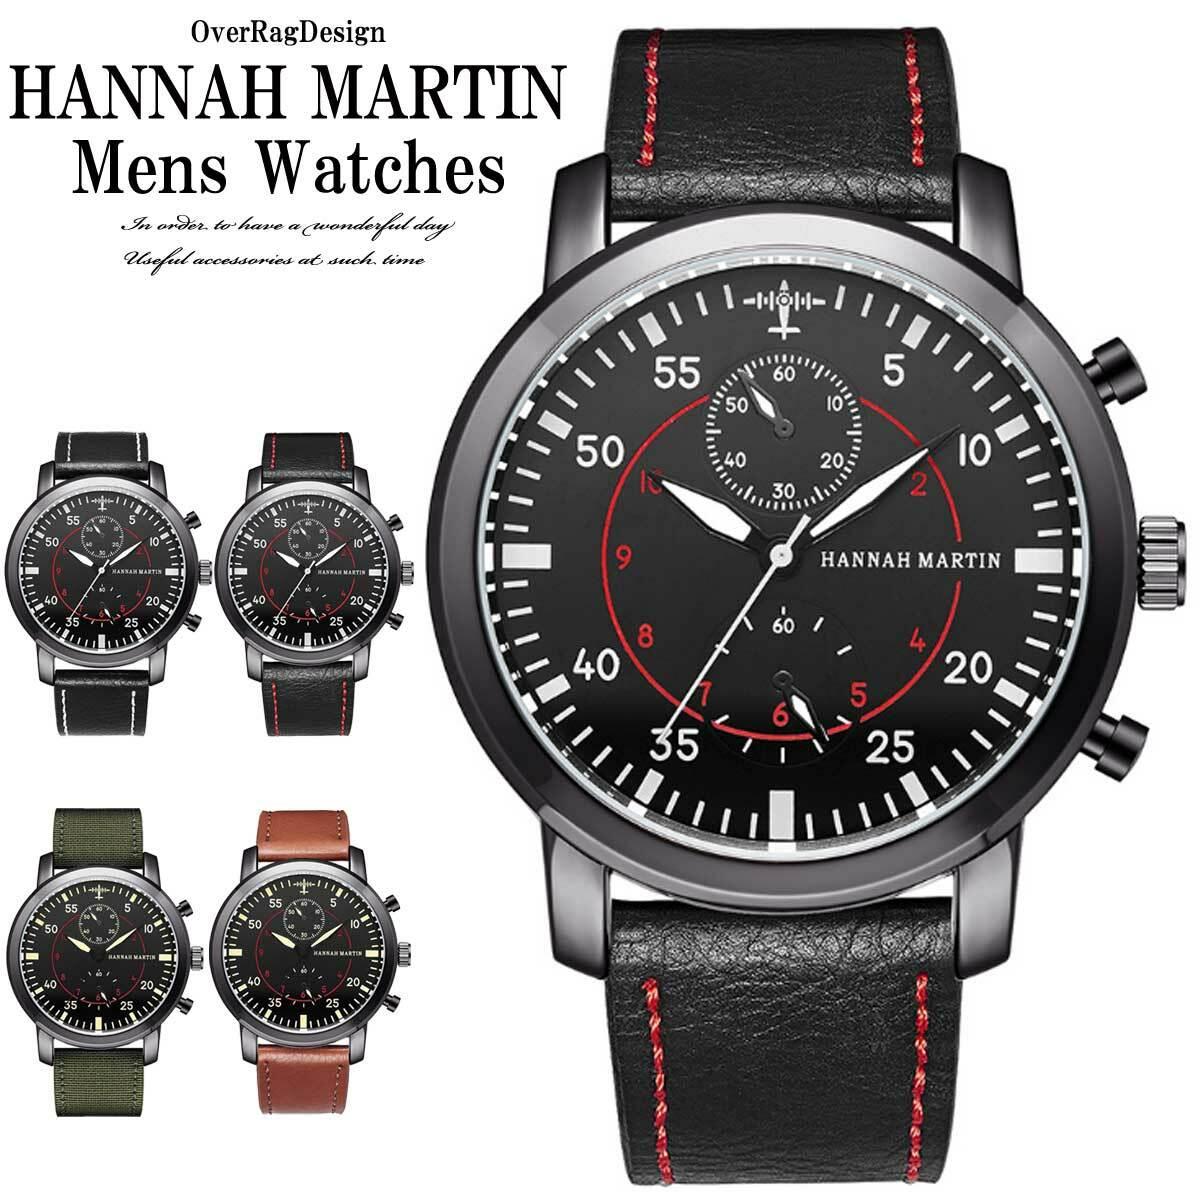 huge selection of 216ff 26352 メンズウォッチ メンズ 時計 ハンナ・マーティンウォッチ 腕時計 ブレスレット カジュアル腕時計 メンズ腕時計 シンプル ビジネス腕時計 アナログ  watch ビジネス ウォッチ 腕時計 シンプル カジュアル 仕事 40代 50代 60代 大人の男性に 大人気 全4色 orhm-2005 | ...